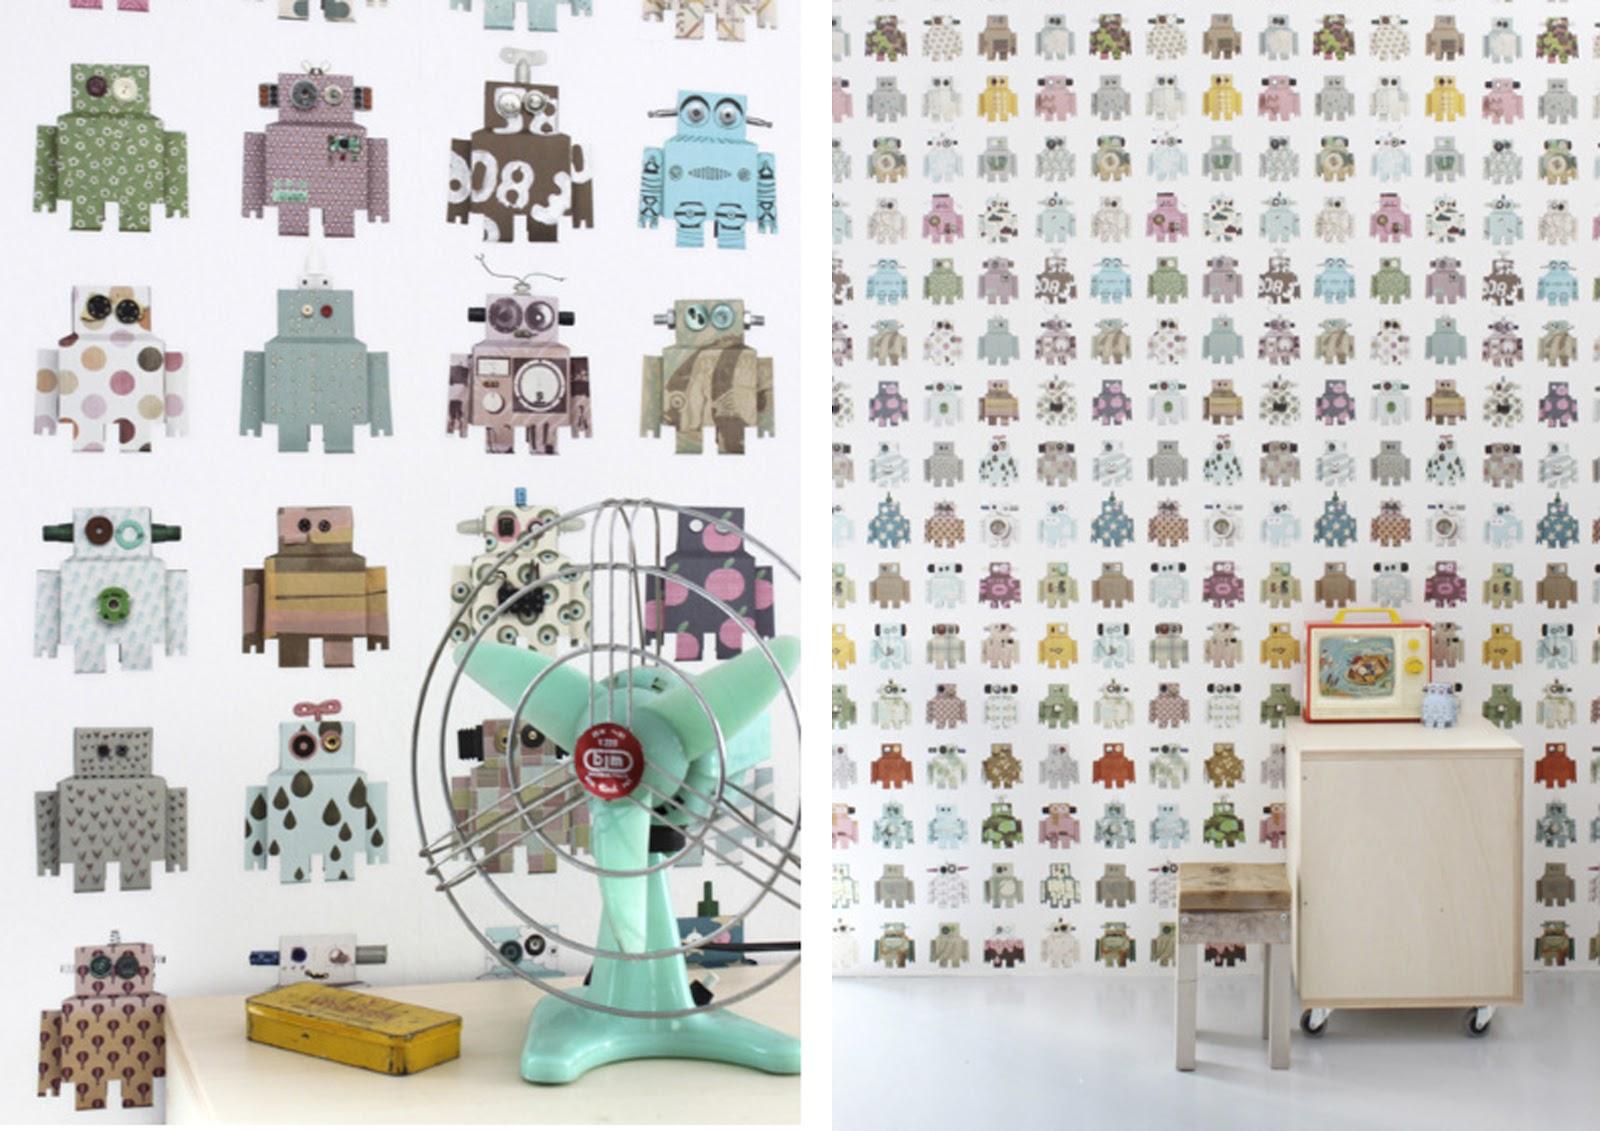 Chic Deco Papeles Decorativos Para Paredes Piensa En Chic ~ Papeles Decorativos Para Paredes